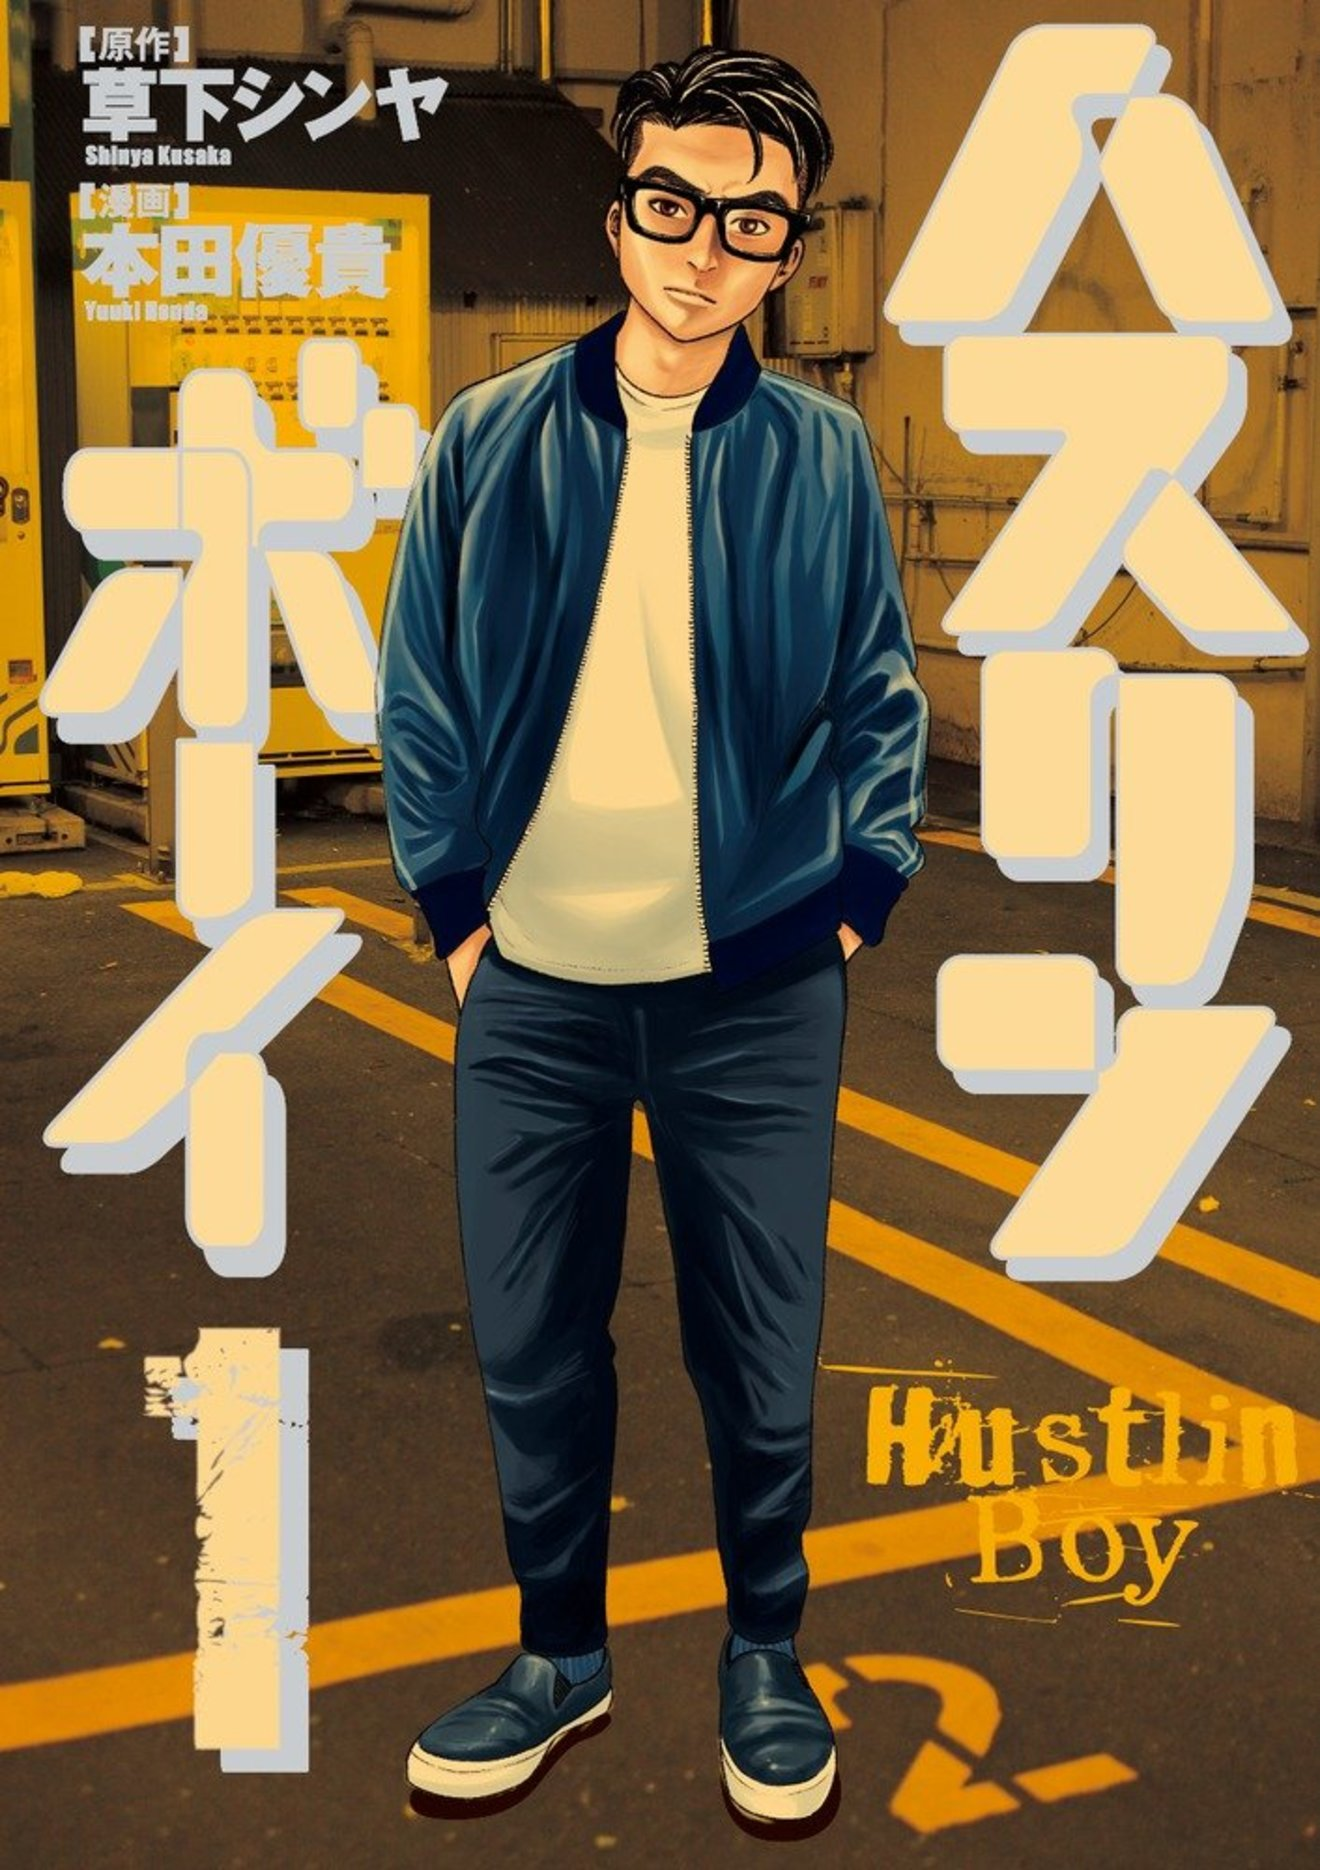 『ハスリンボーイ』が面白い!新感覚アウトロー漫画をネタバレ紹介!